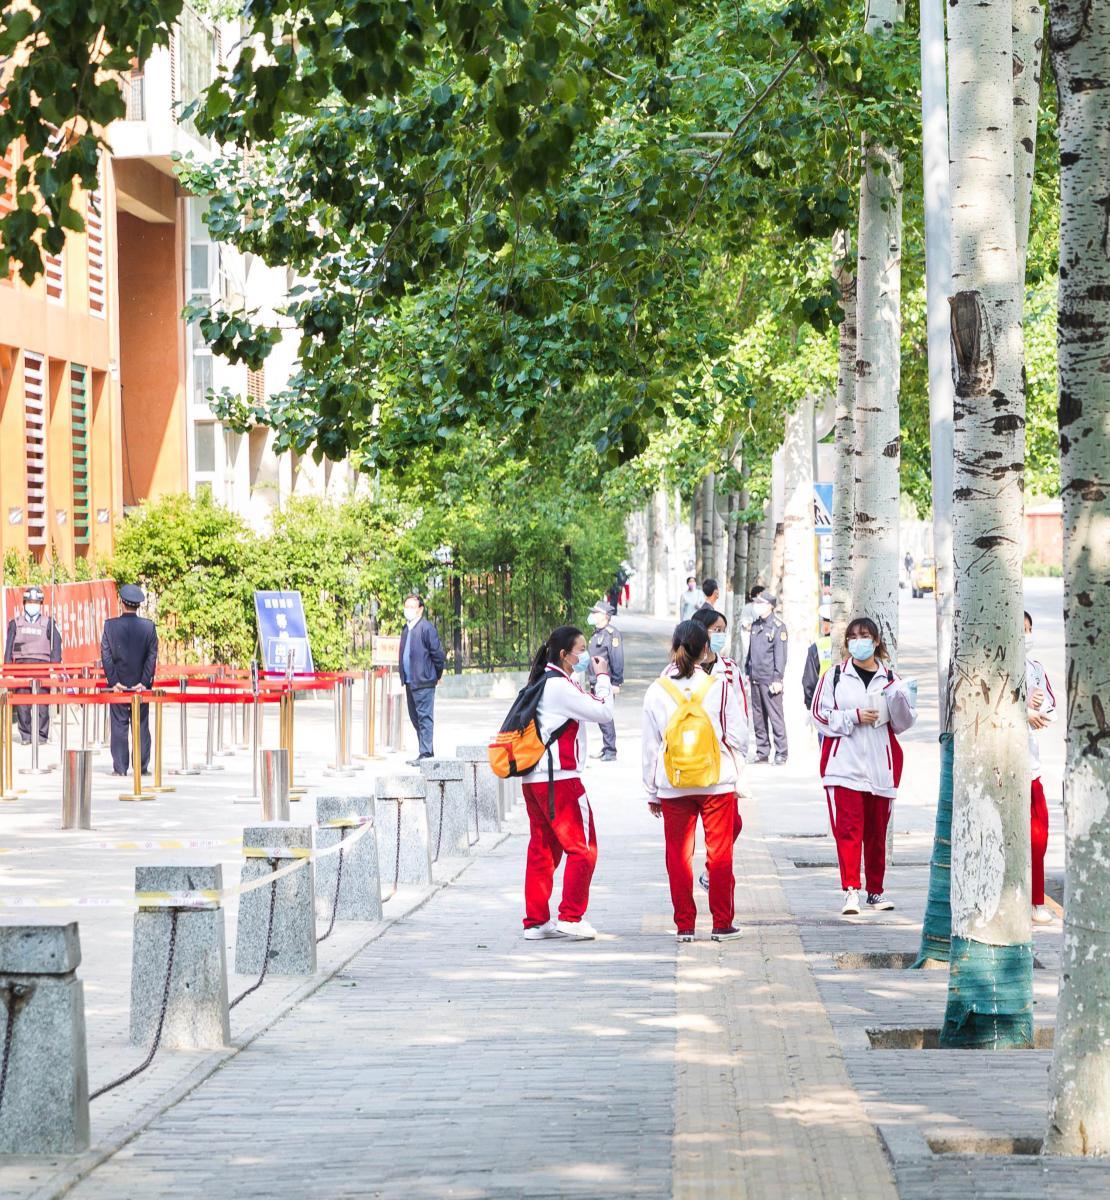 孩子们一起站在学校外面的绿树下。